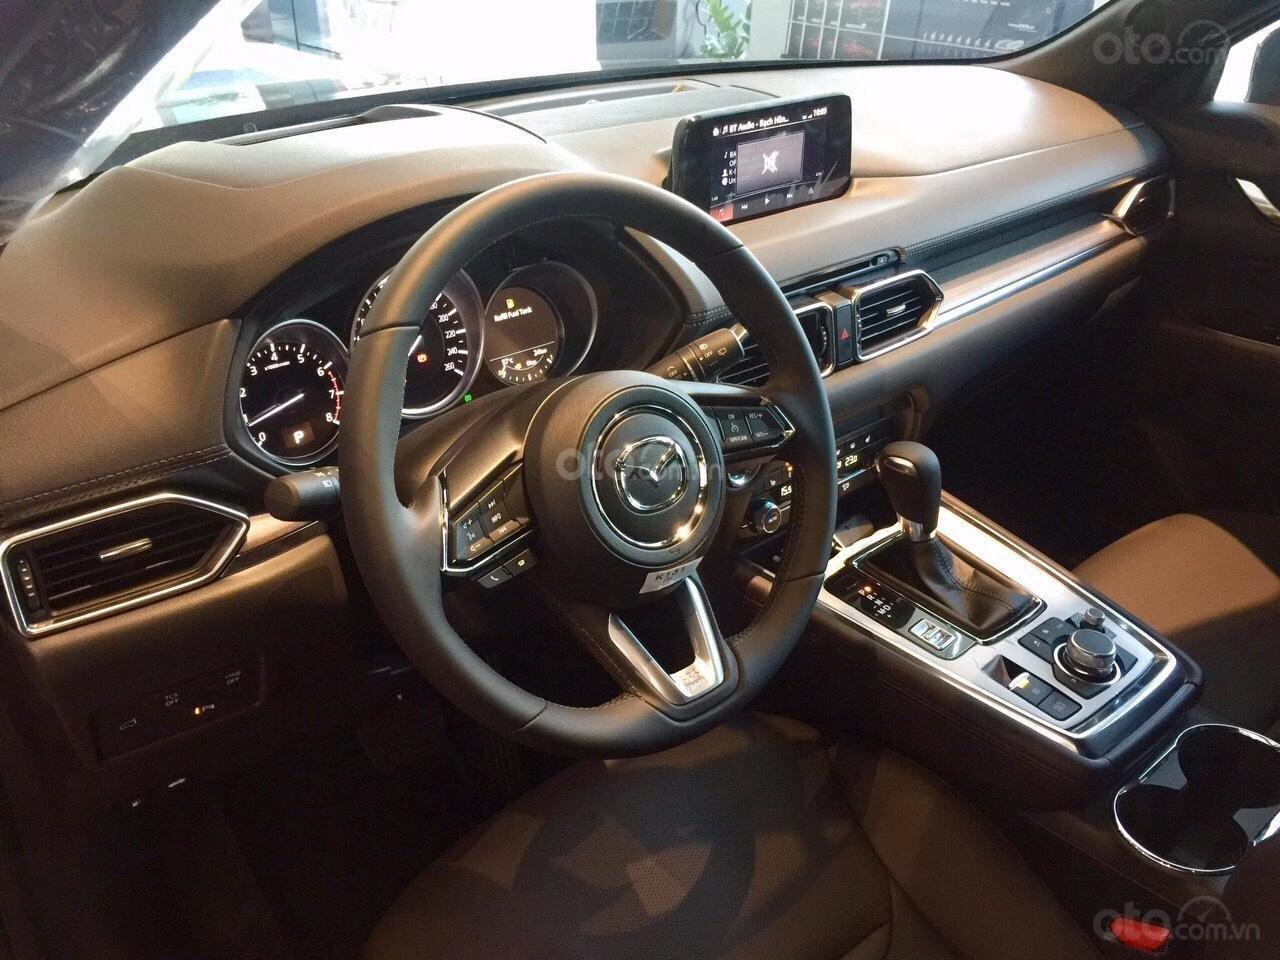 Cần bán nhanh chiếc xe Mazda CX-8 Premium AWD năm sản xuất 2019, màu trắng - Giao xe tận nhà miễn phí (8)